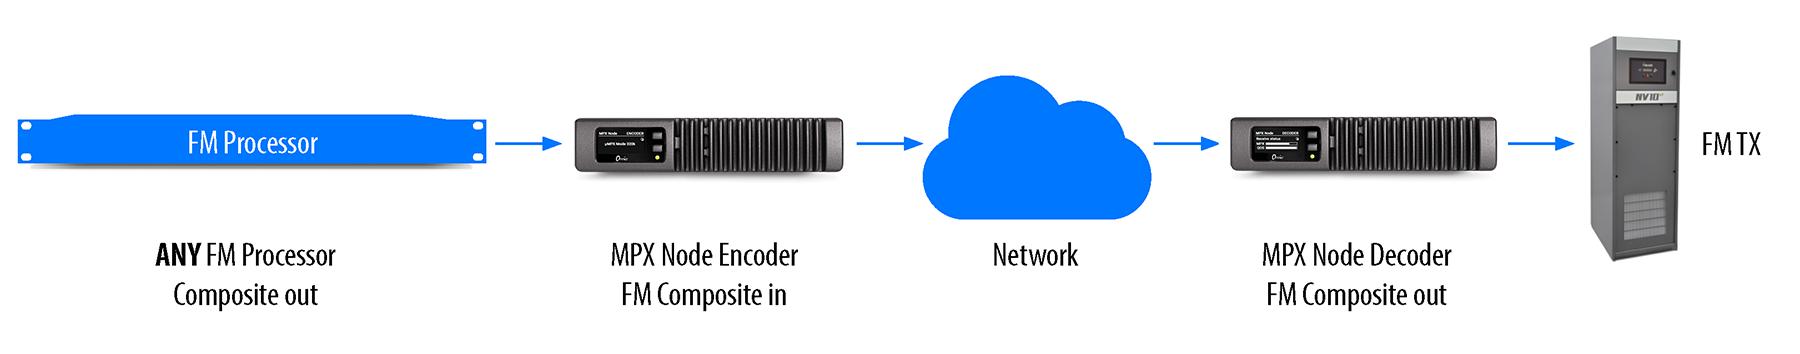 MPX Node Diagram_3